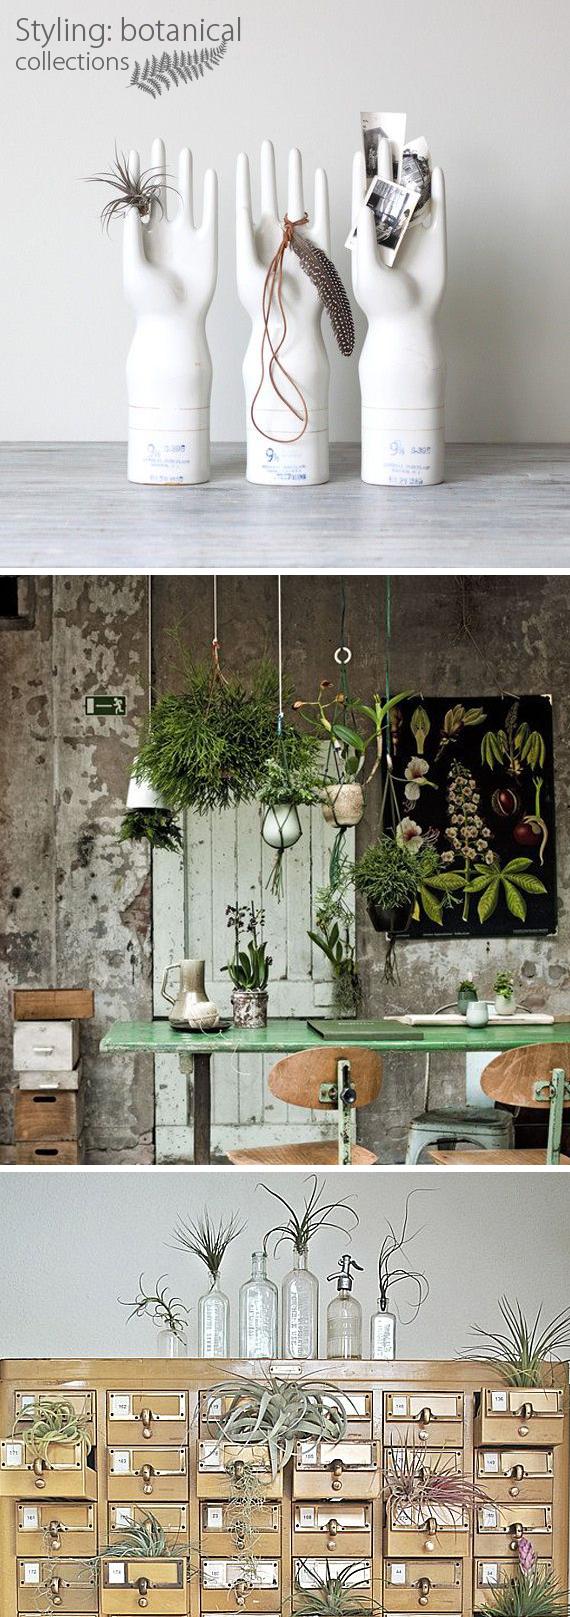 styling_botanicals5